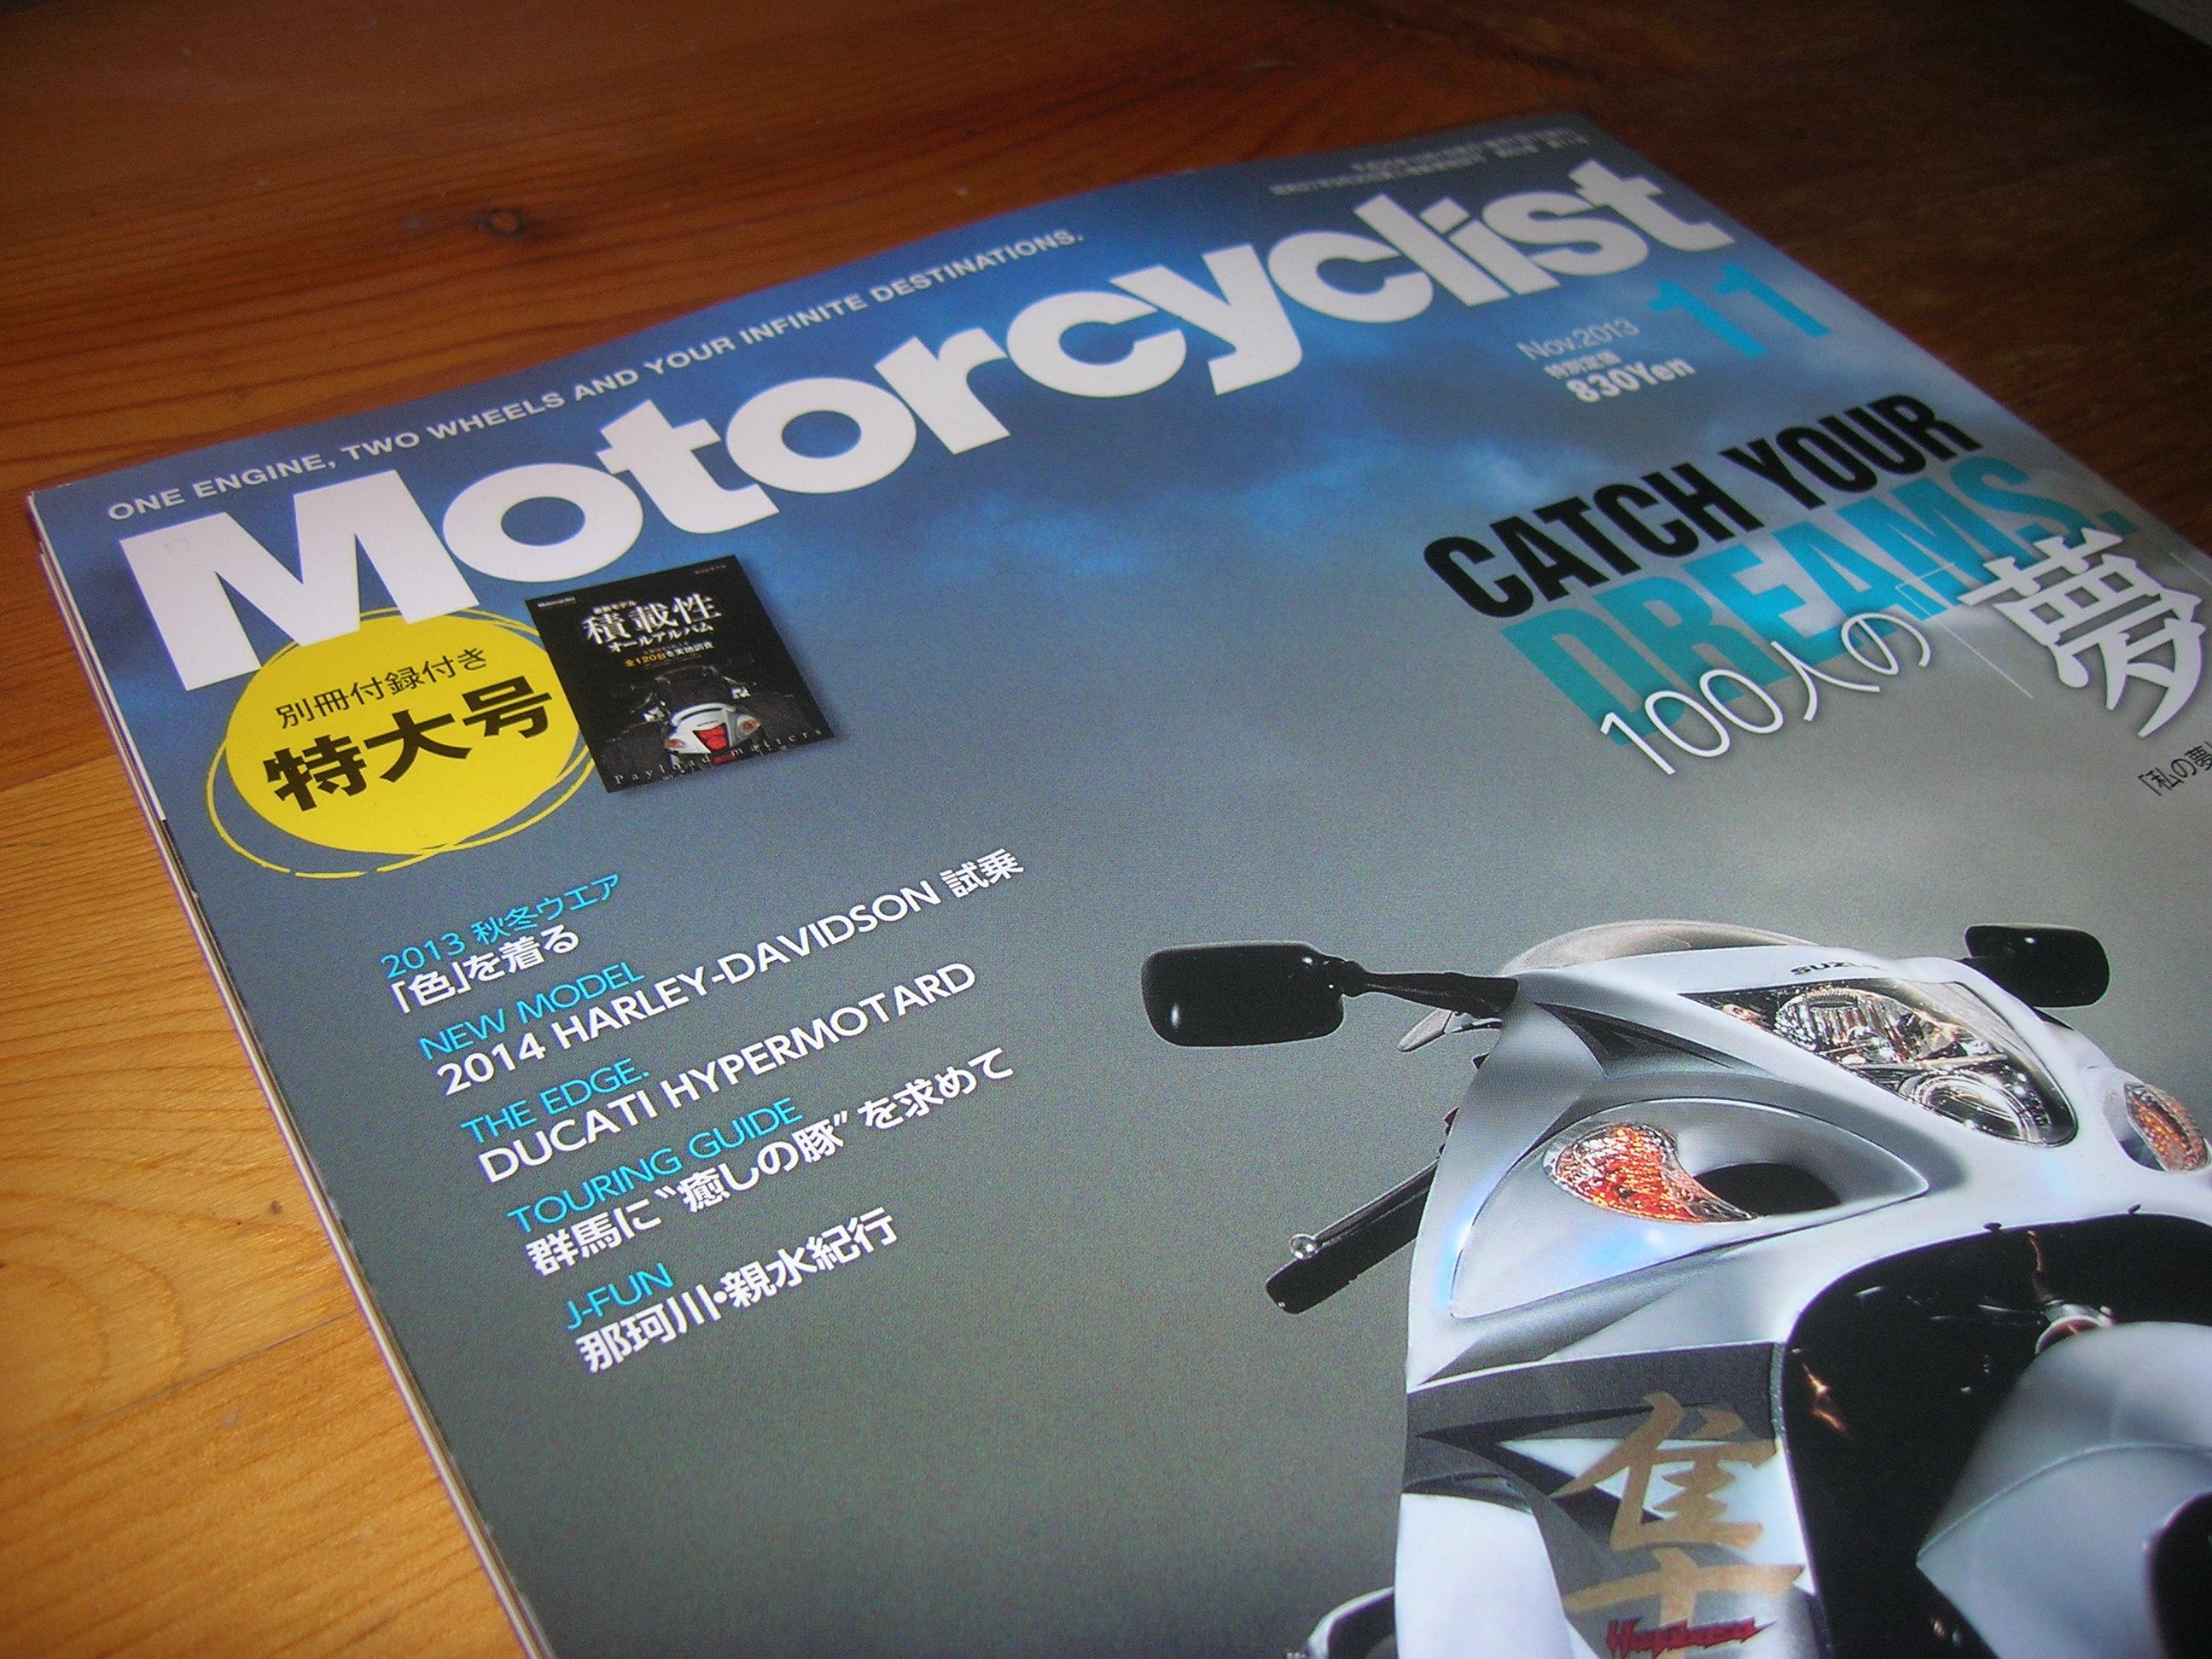 バイク専門誌『モーターサイクリスト』2013年11月号表紙